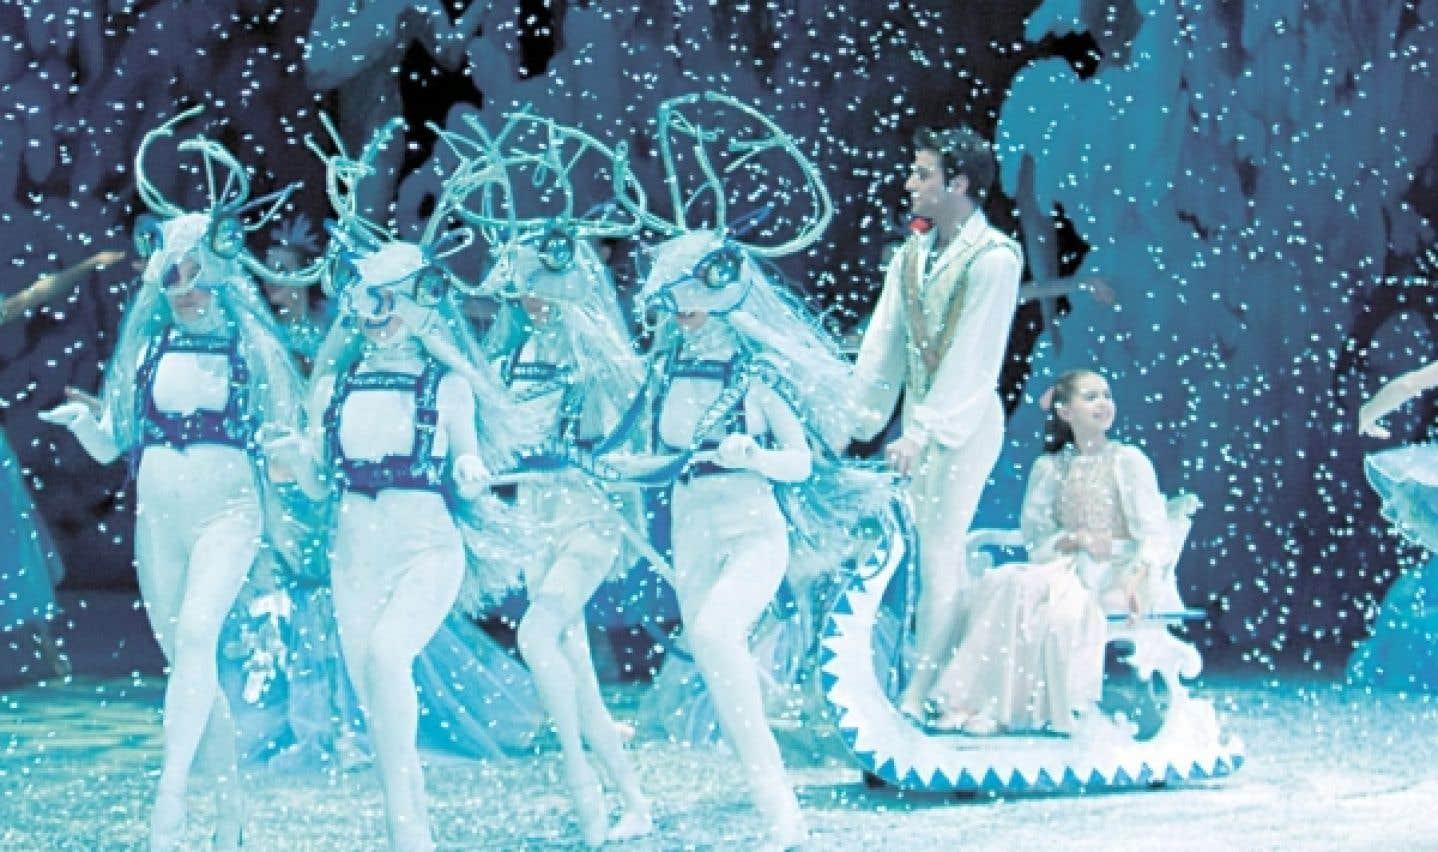 Retrouvez cette année encore la petite Clara et son casse-noisette au pays des neiges et au royaume des friandises.